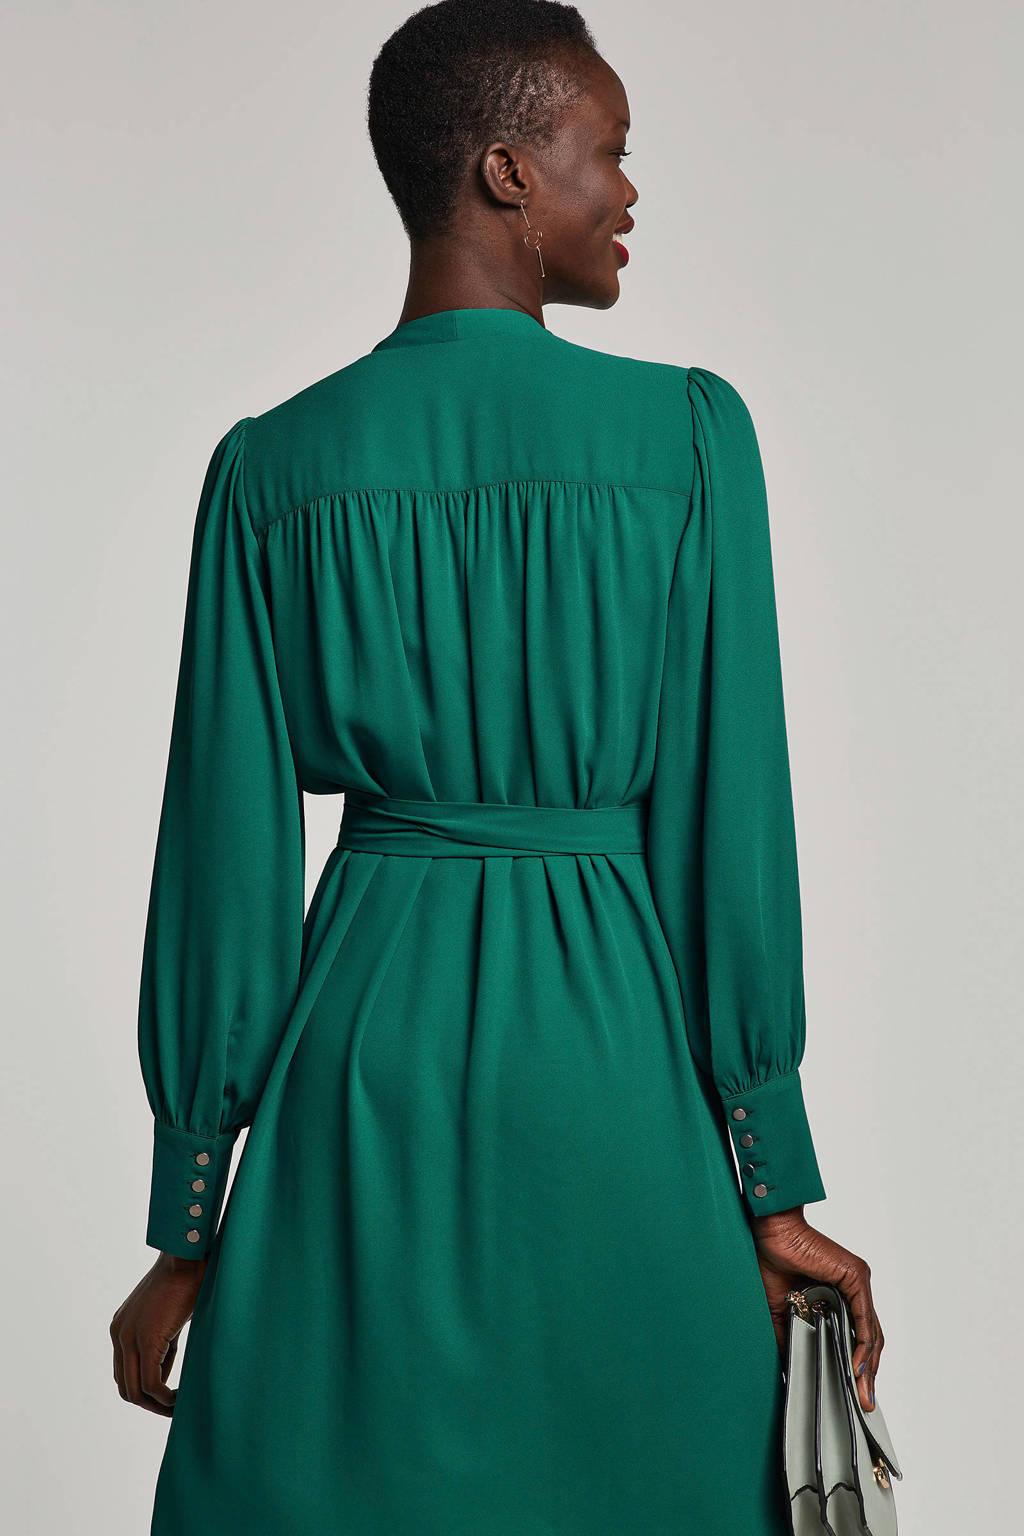 SELECTED FEMME overslag jurk, Groen